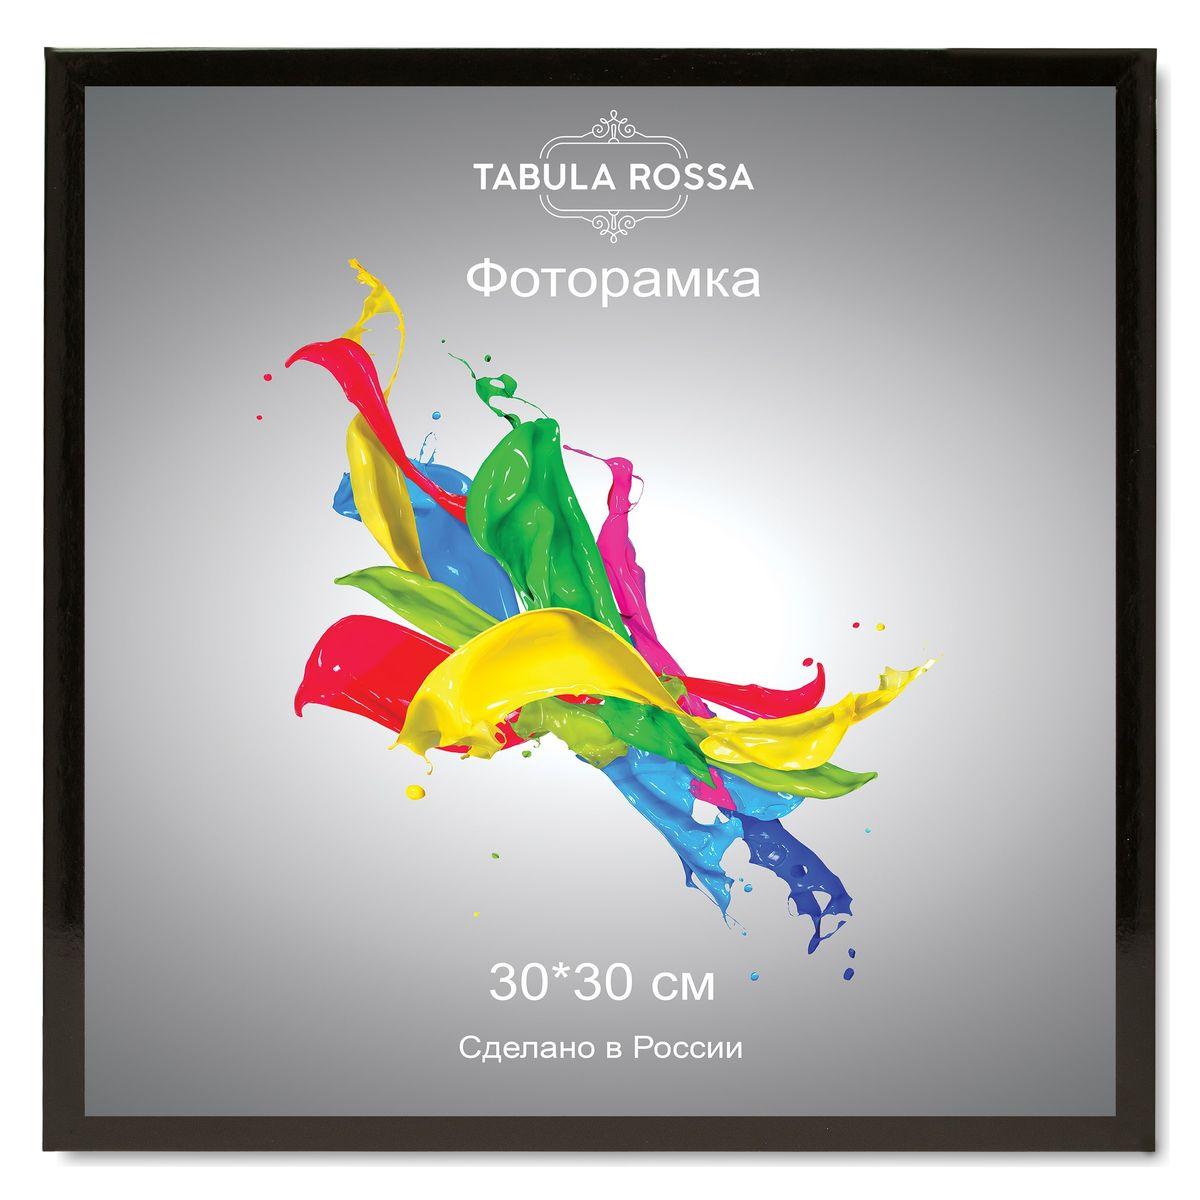 """Фото Фоторамка """"Tabula Rossa"""", цвет: черный глянец, 30 х 30 см. ТР 5139. Купить  в РФ"""